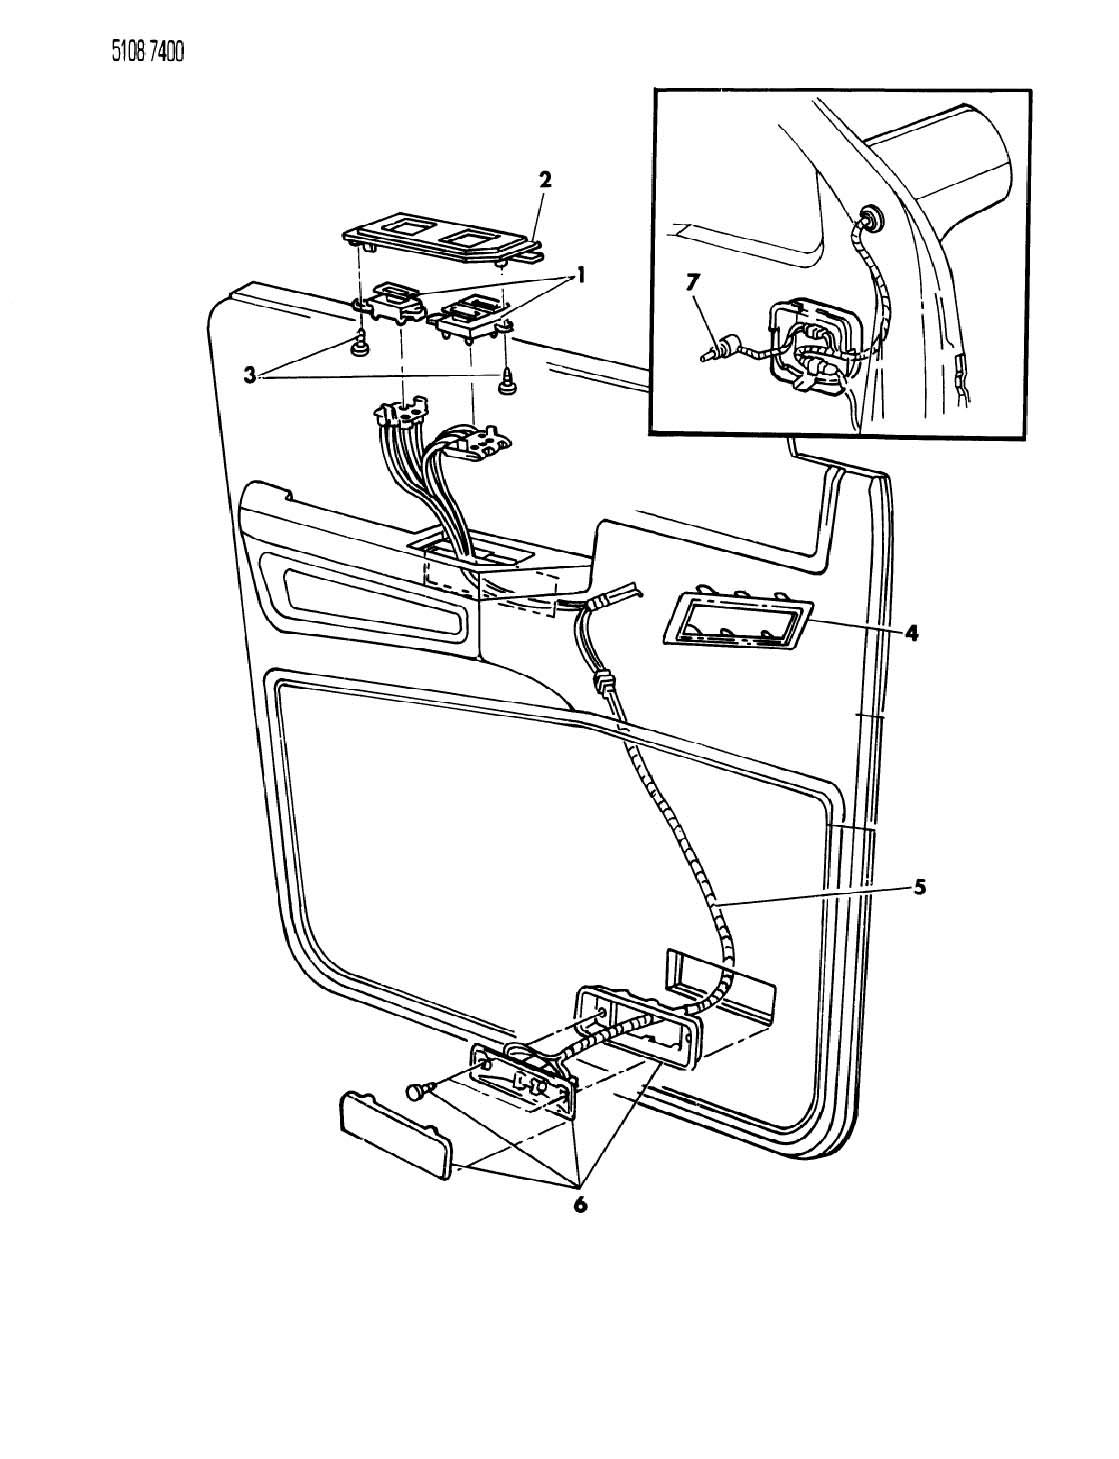 Diagram Buick Rendezvous Door Lock Switch Wiring Diagram